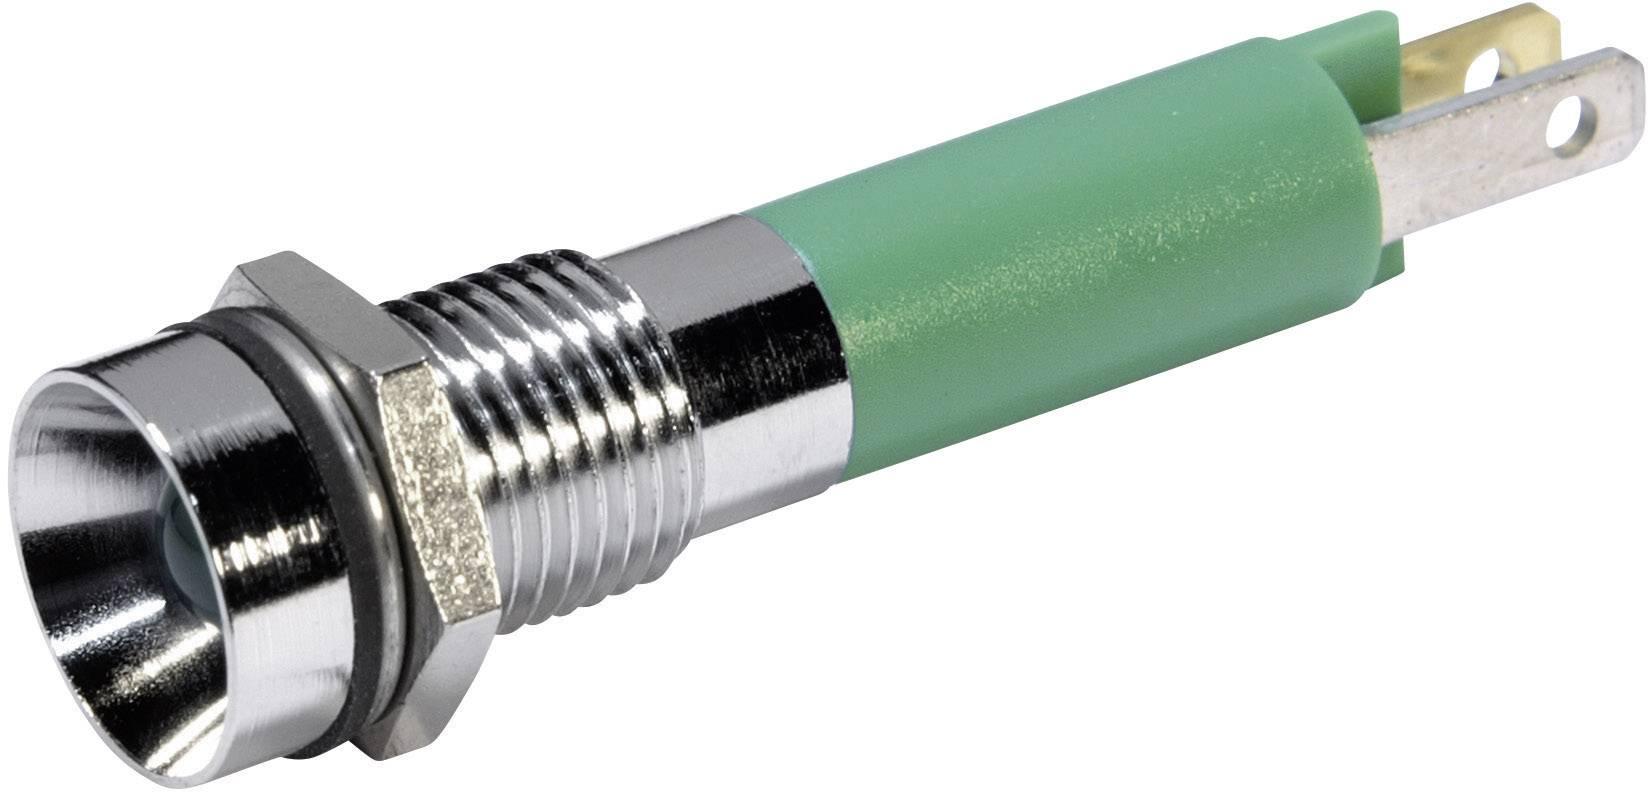 IndikačnéLED CML 19050251, 12 V/DC, zelená